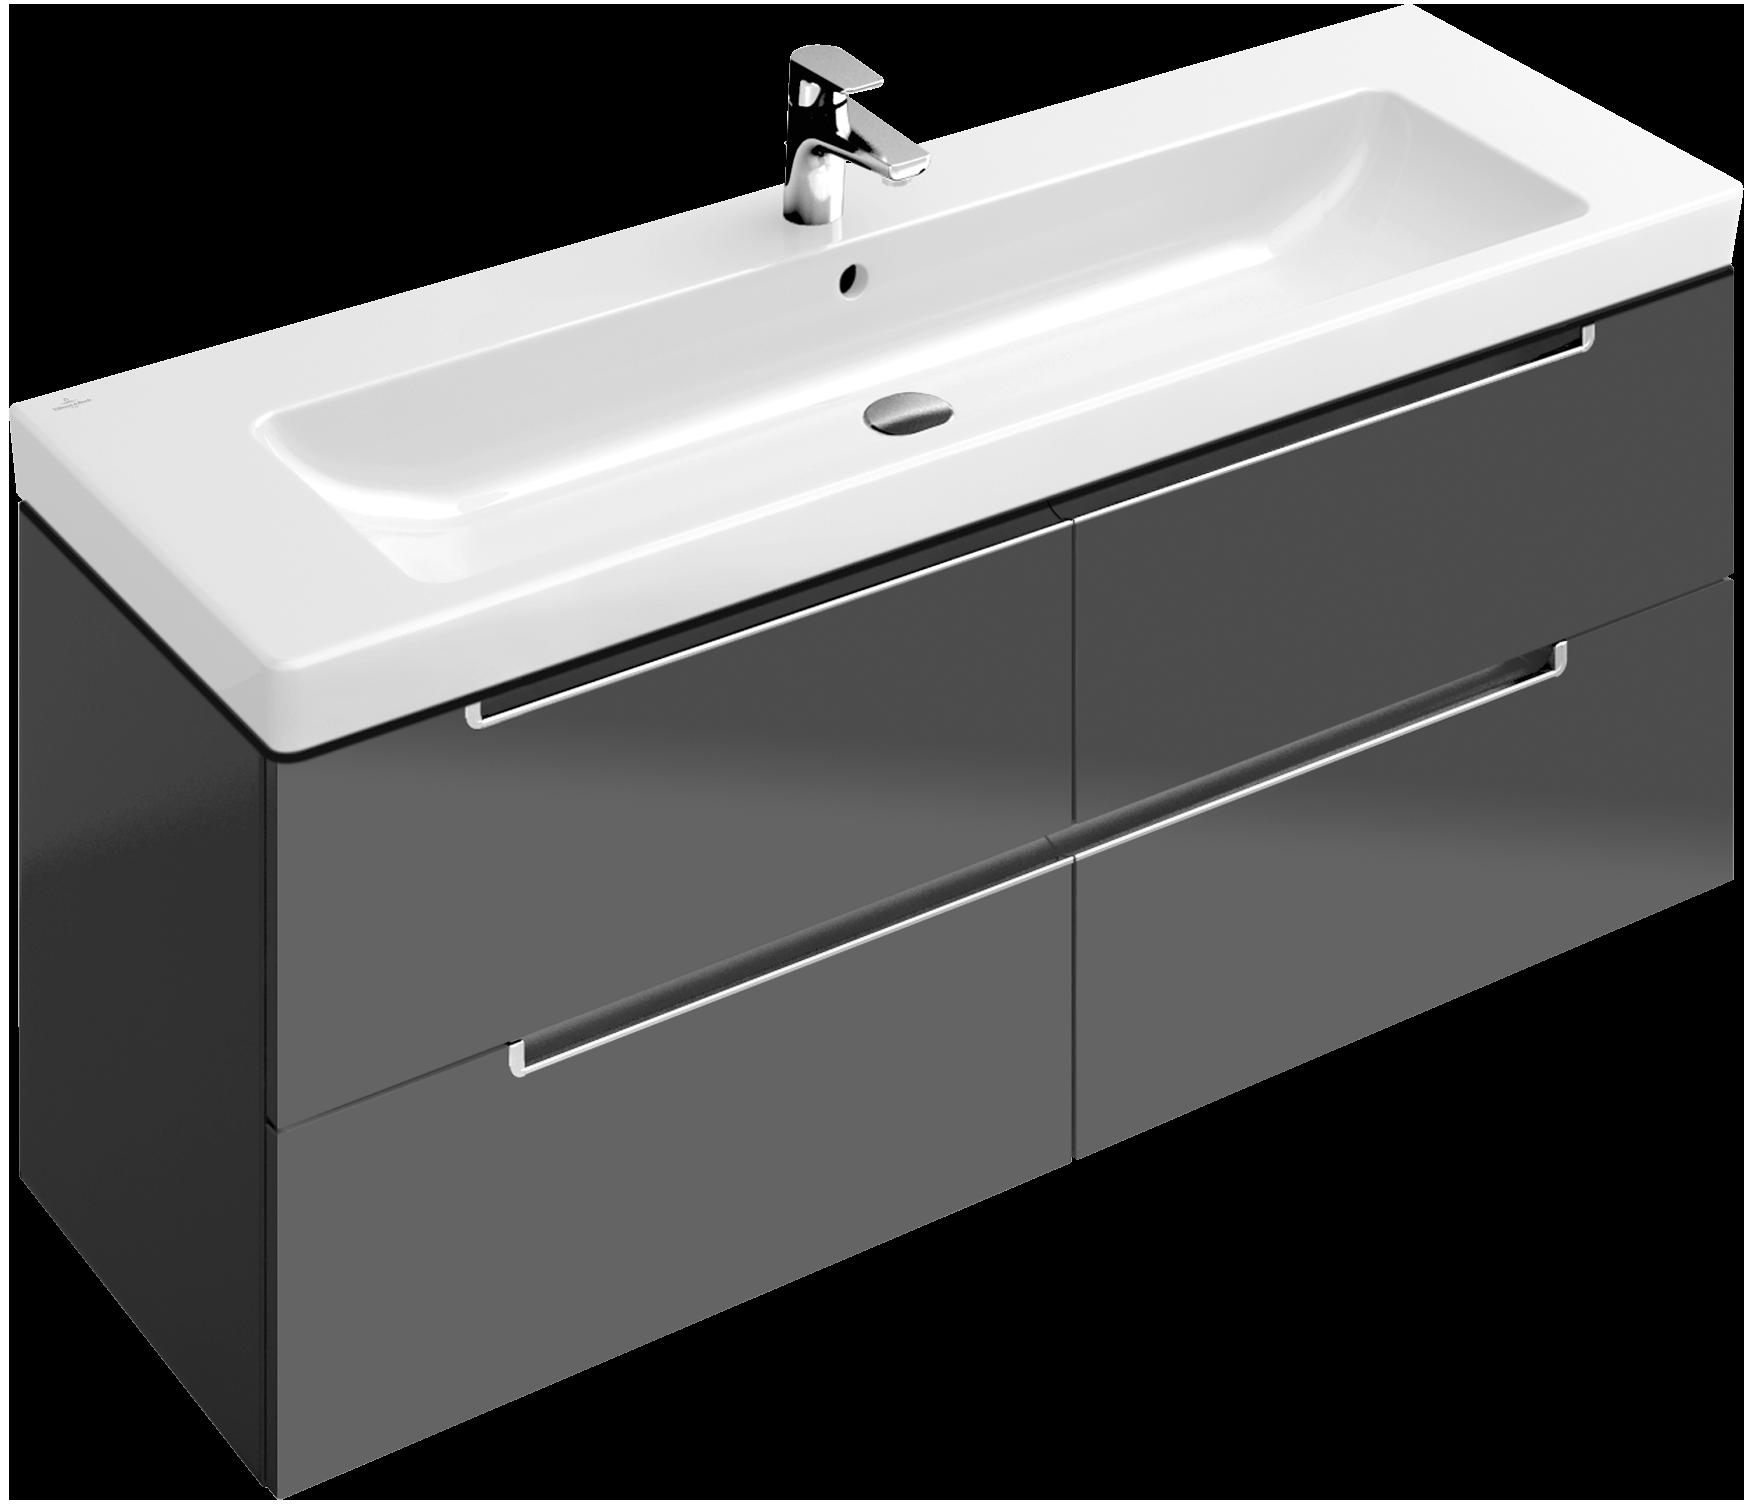 subway vanity unit a698u0 villeroy boch. Black Bedroom Furniture Sets. Home Design Ideas